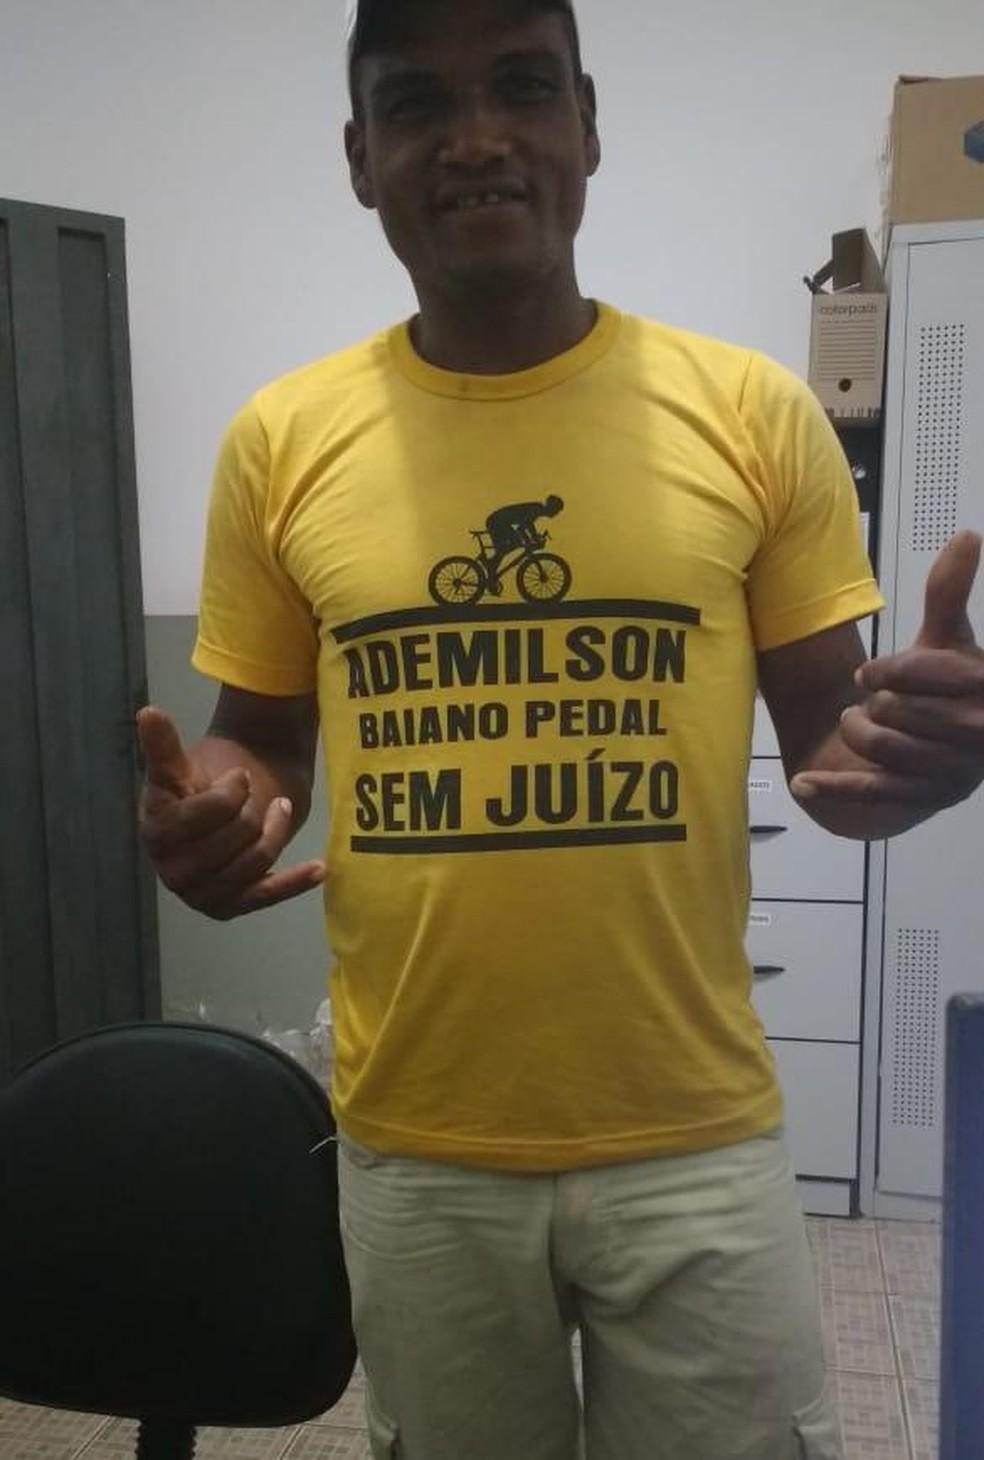 Ademilson perdeu a bicicleta que era o único meio de transporte dele — Foto: Arquivo pessoal